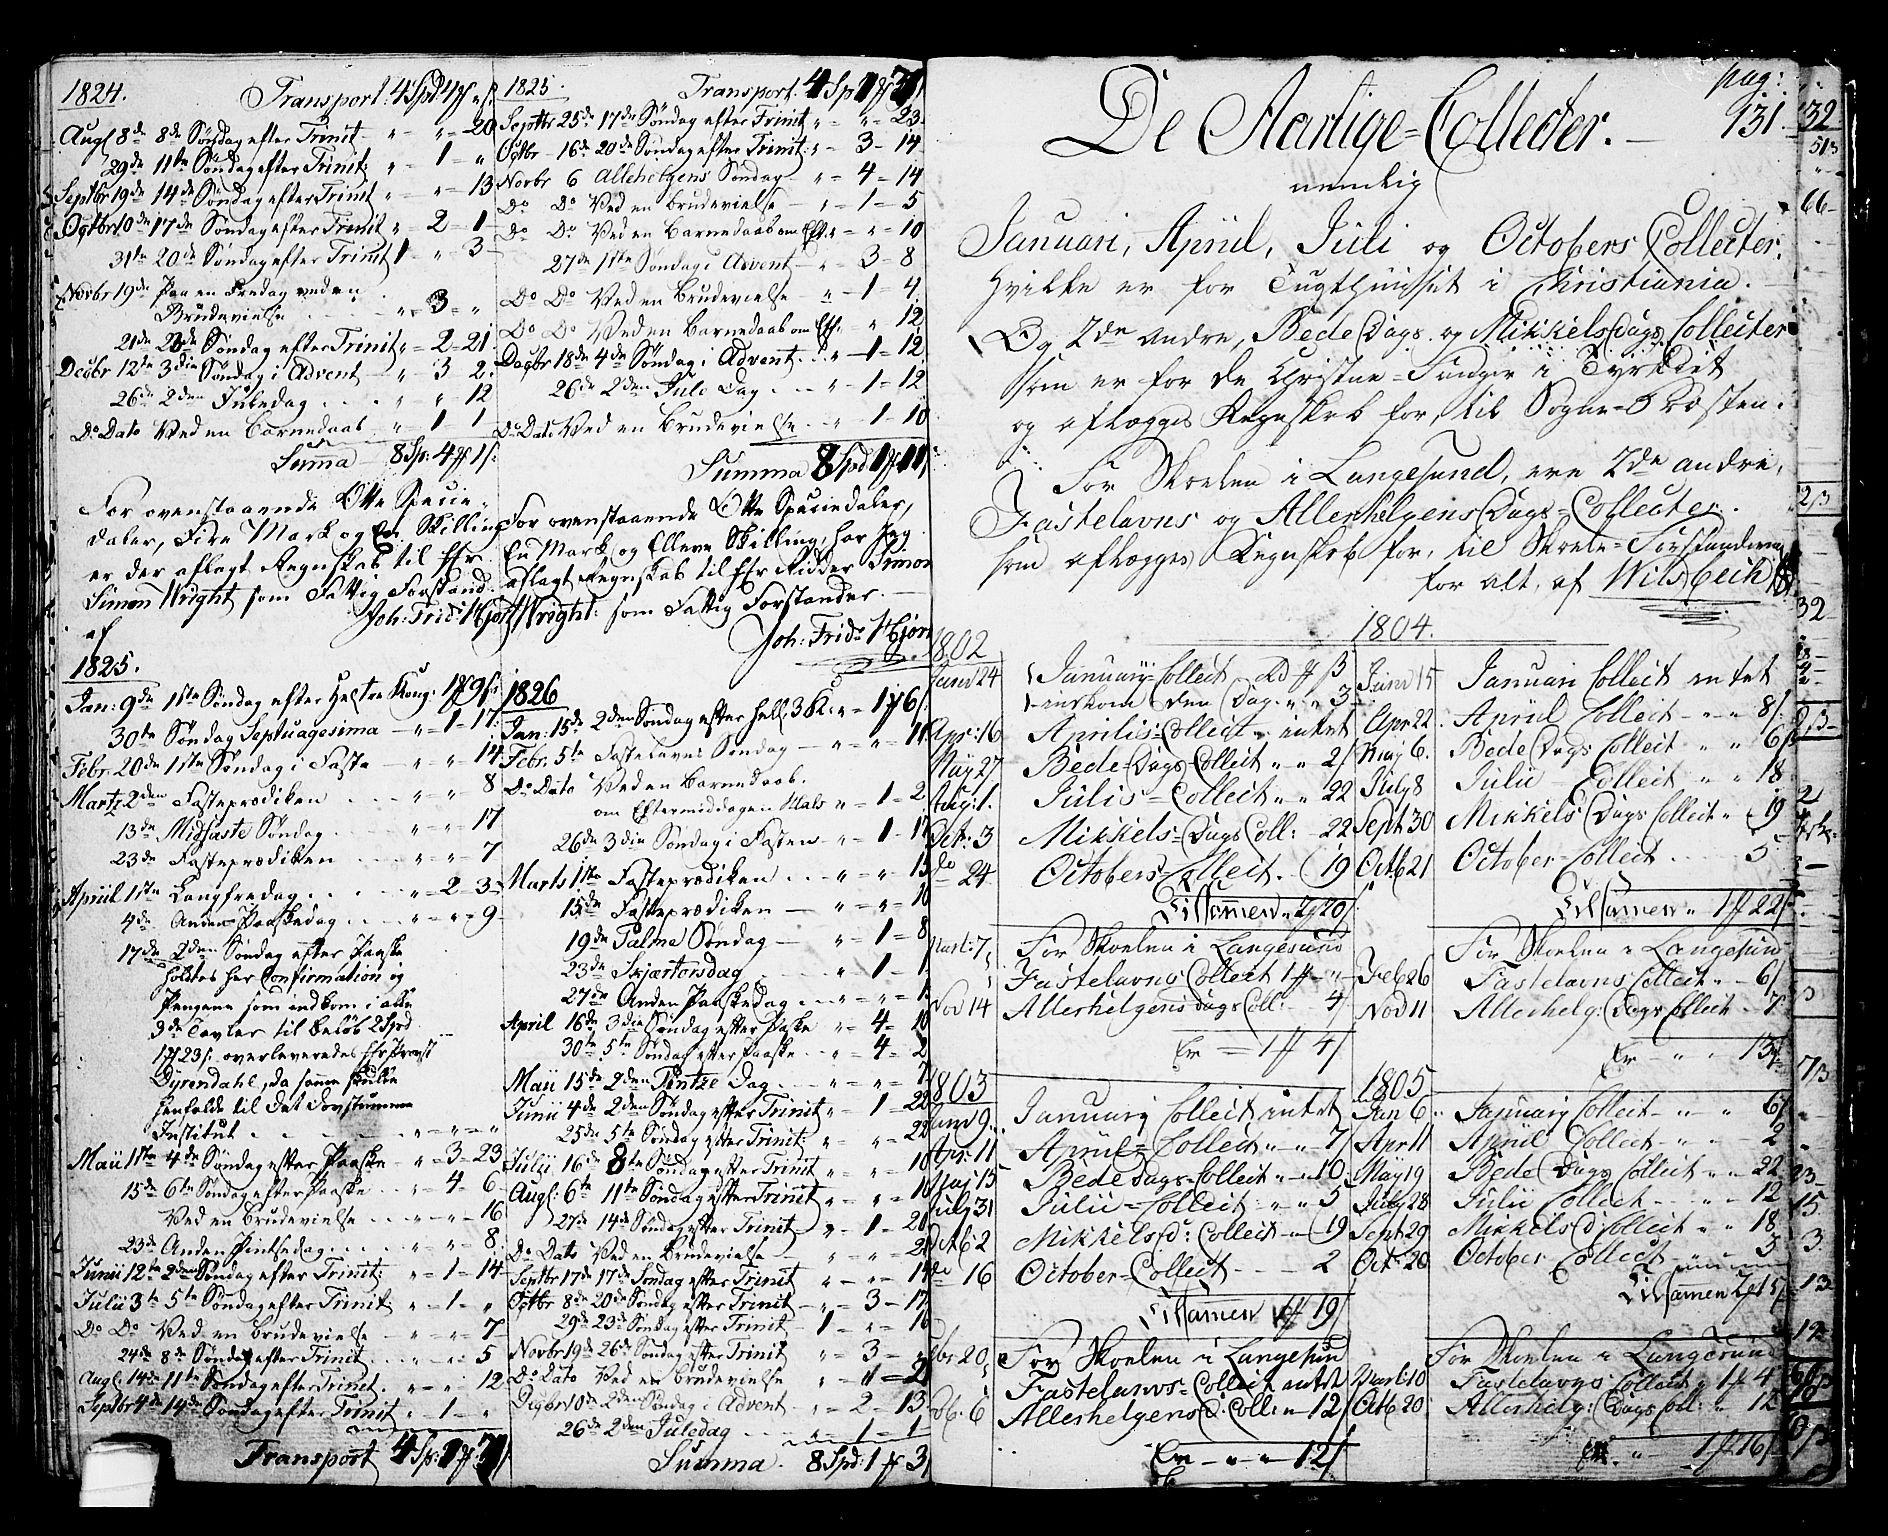 SAKO, Langesund kirkebøker, G/Ga/L0002: Klokkerbok nr. 2, 1801-1815, s. 131